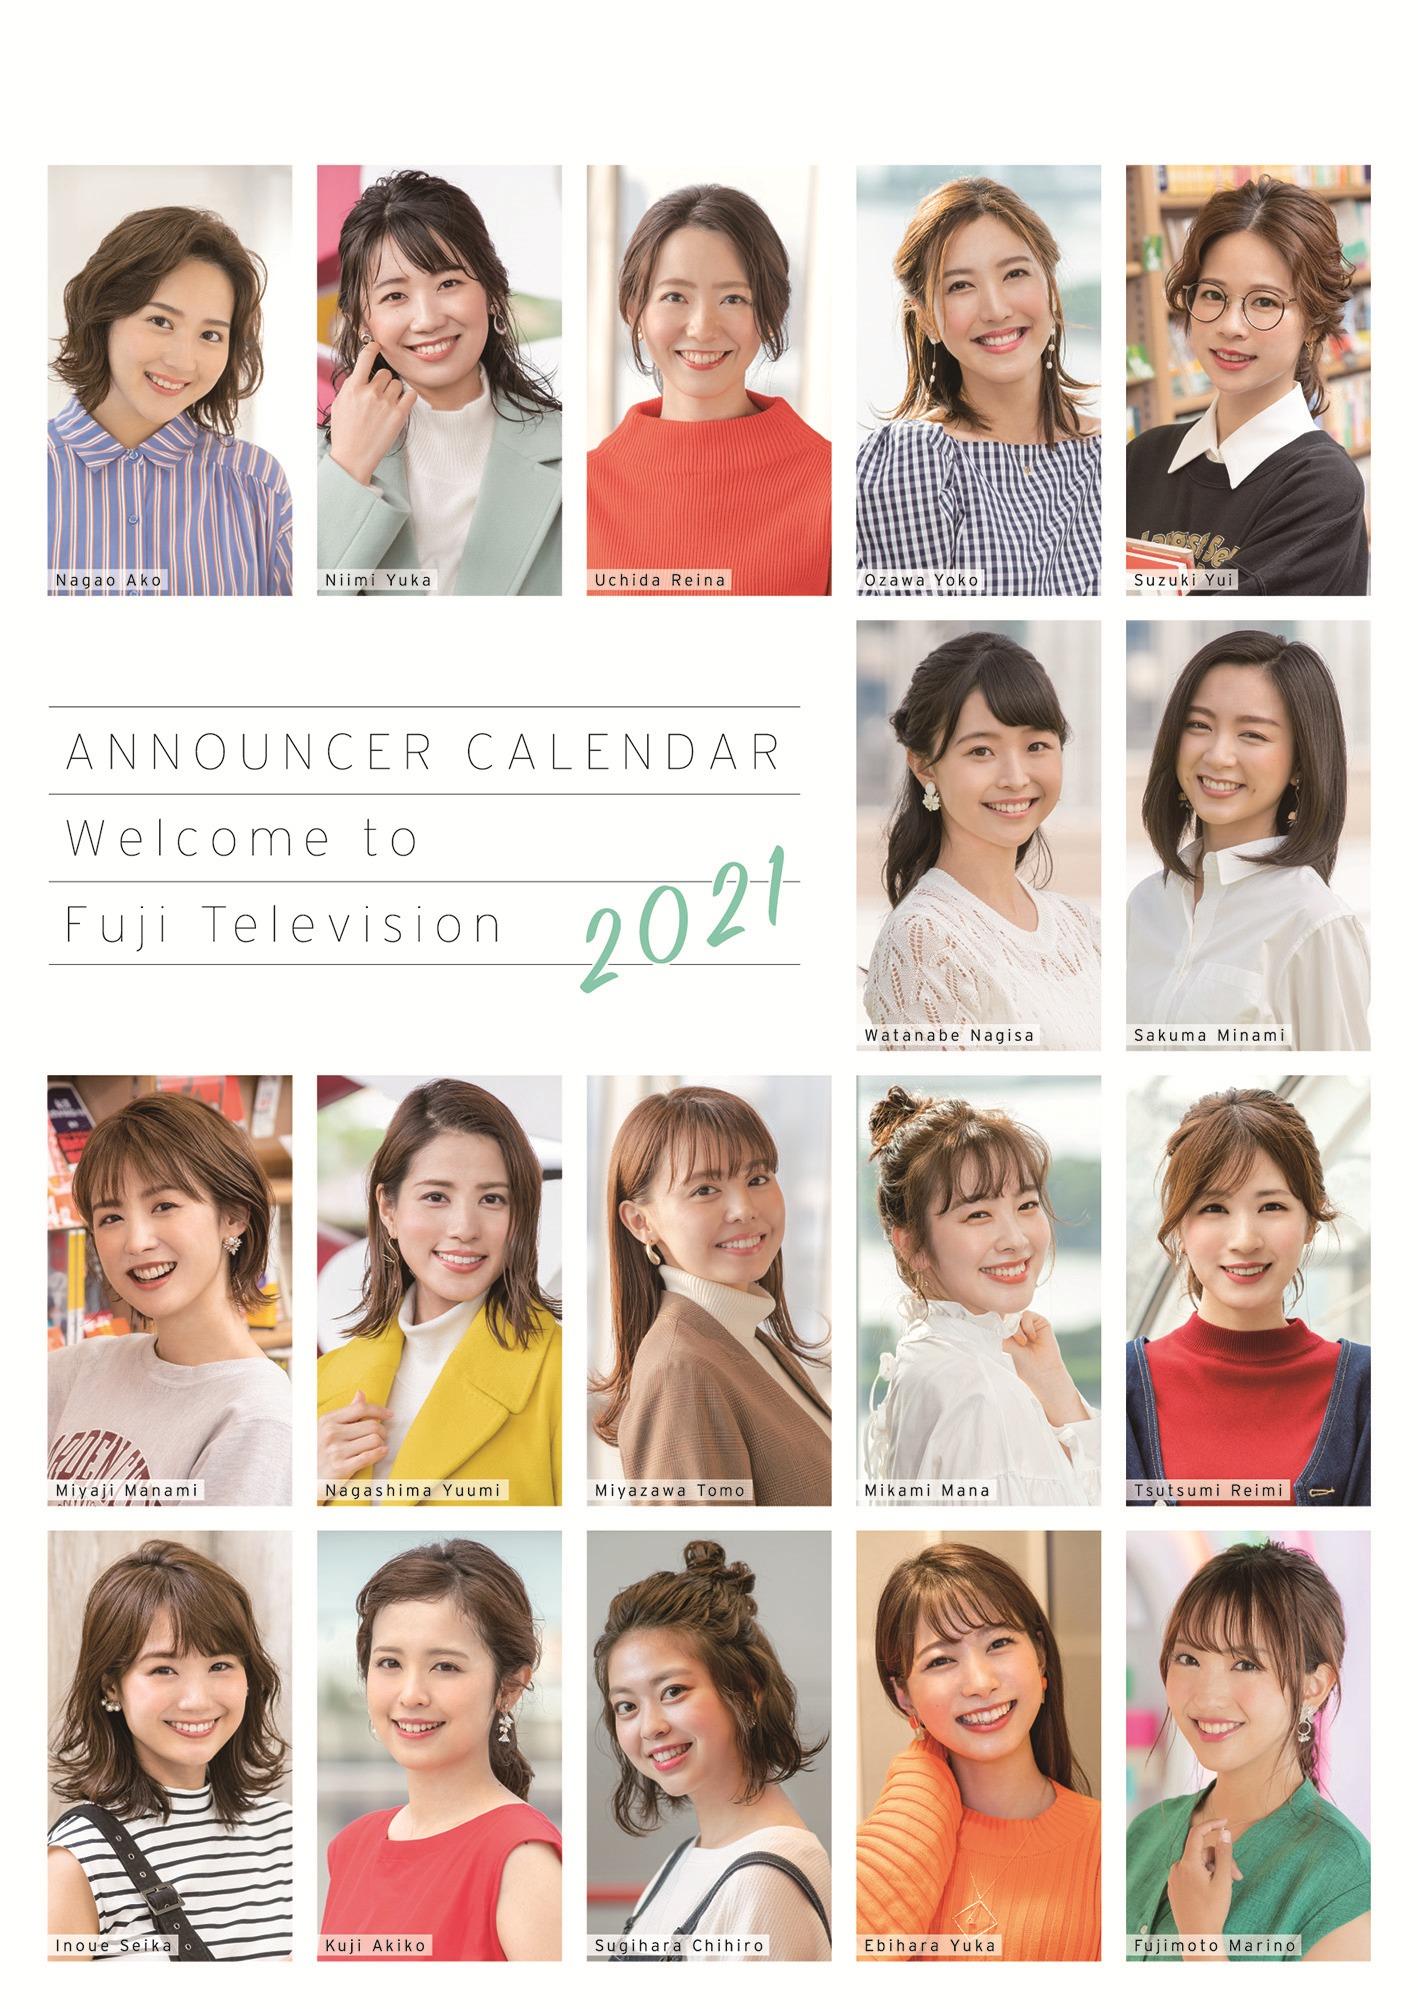 『フジテレビ女性アナウンサーカレンダー2021』